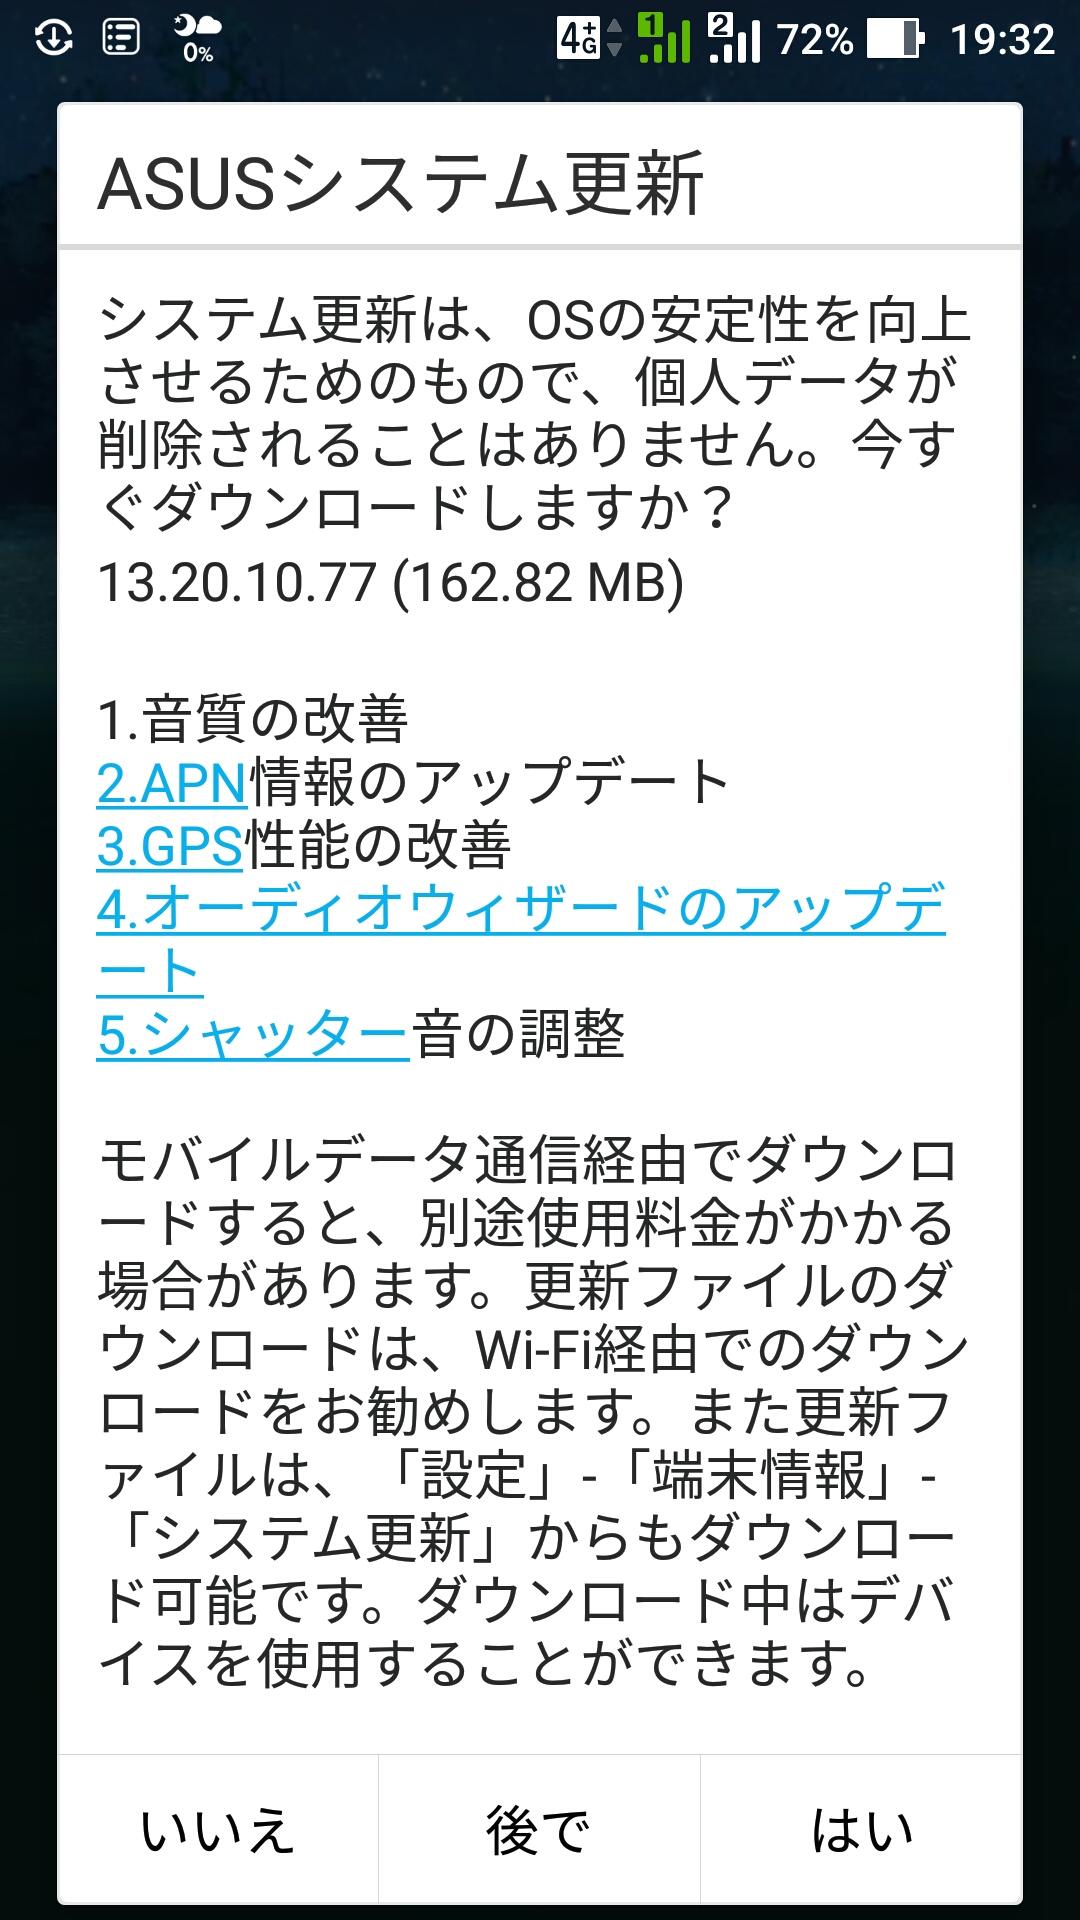 Zenfone3にシステム更新。シャッター音が小さくなりました。